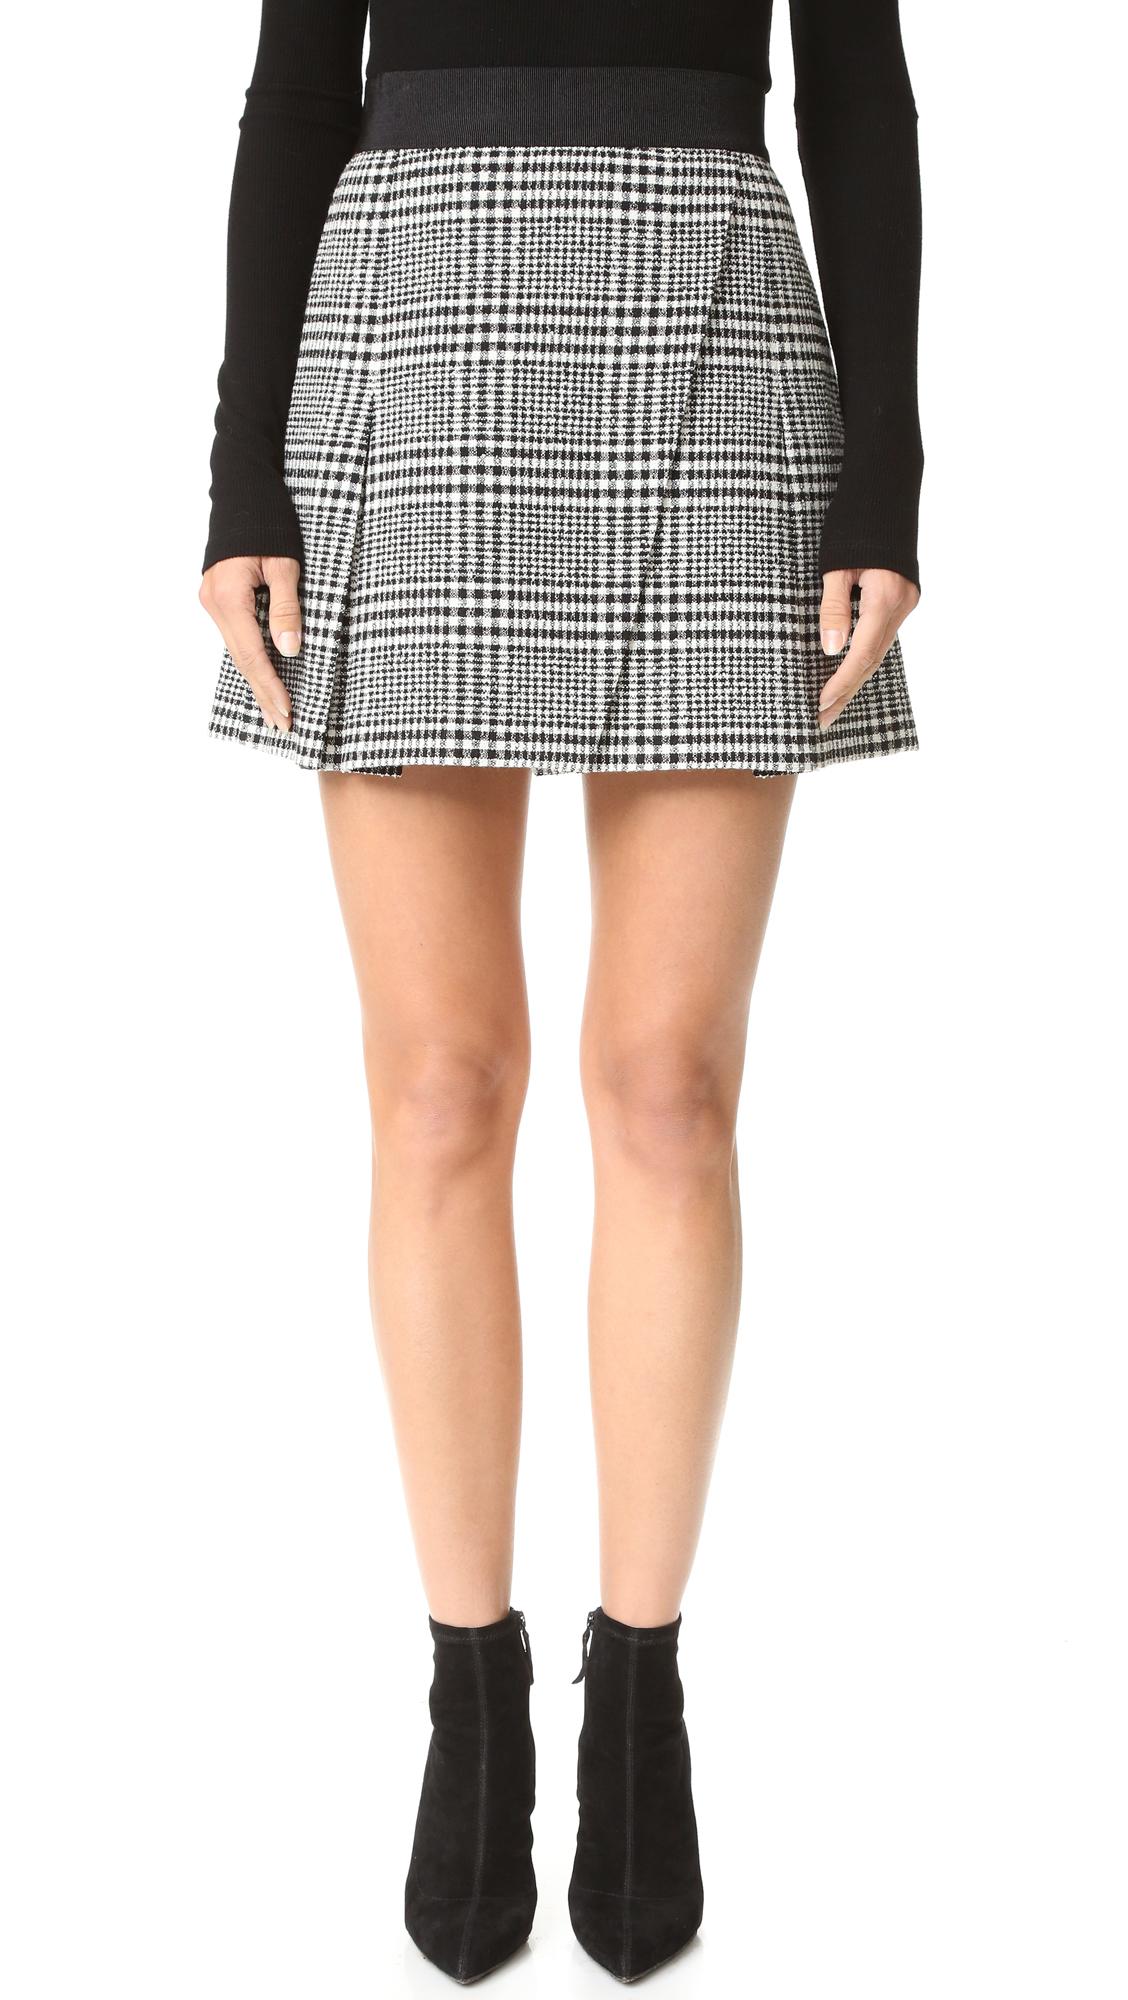 Alice + Olivia Cindie Pleated Miniskirt - Black/Cream at Shopbop